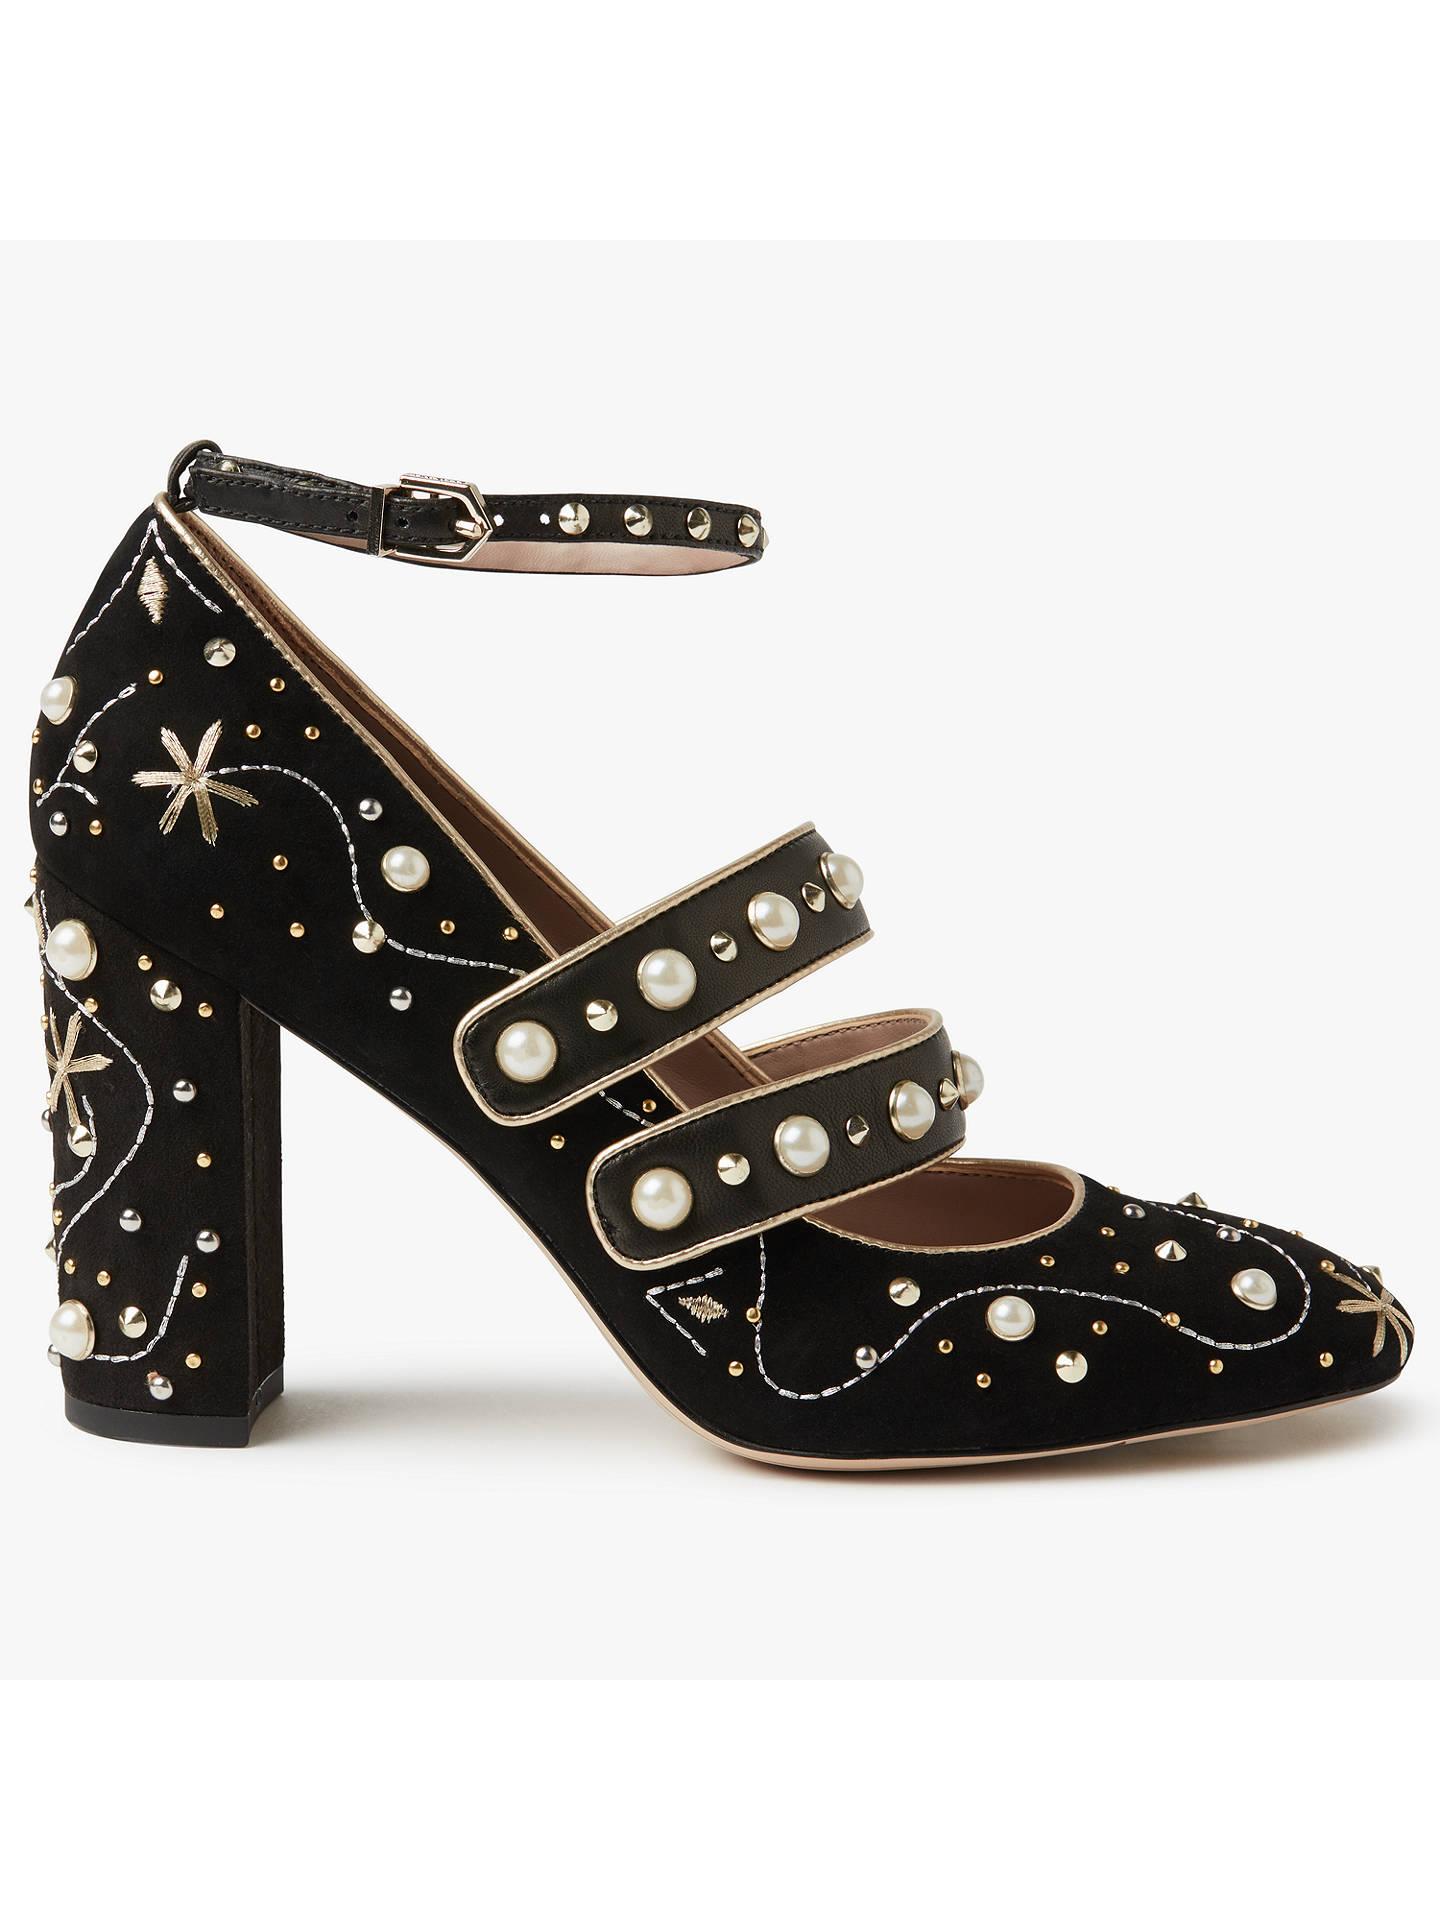 62fc1ec1d6d63 Buy Sam Edelman Semor Embellished Block Heeled Court Shoes